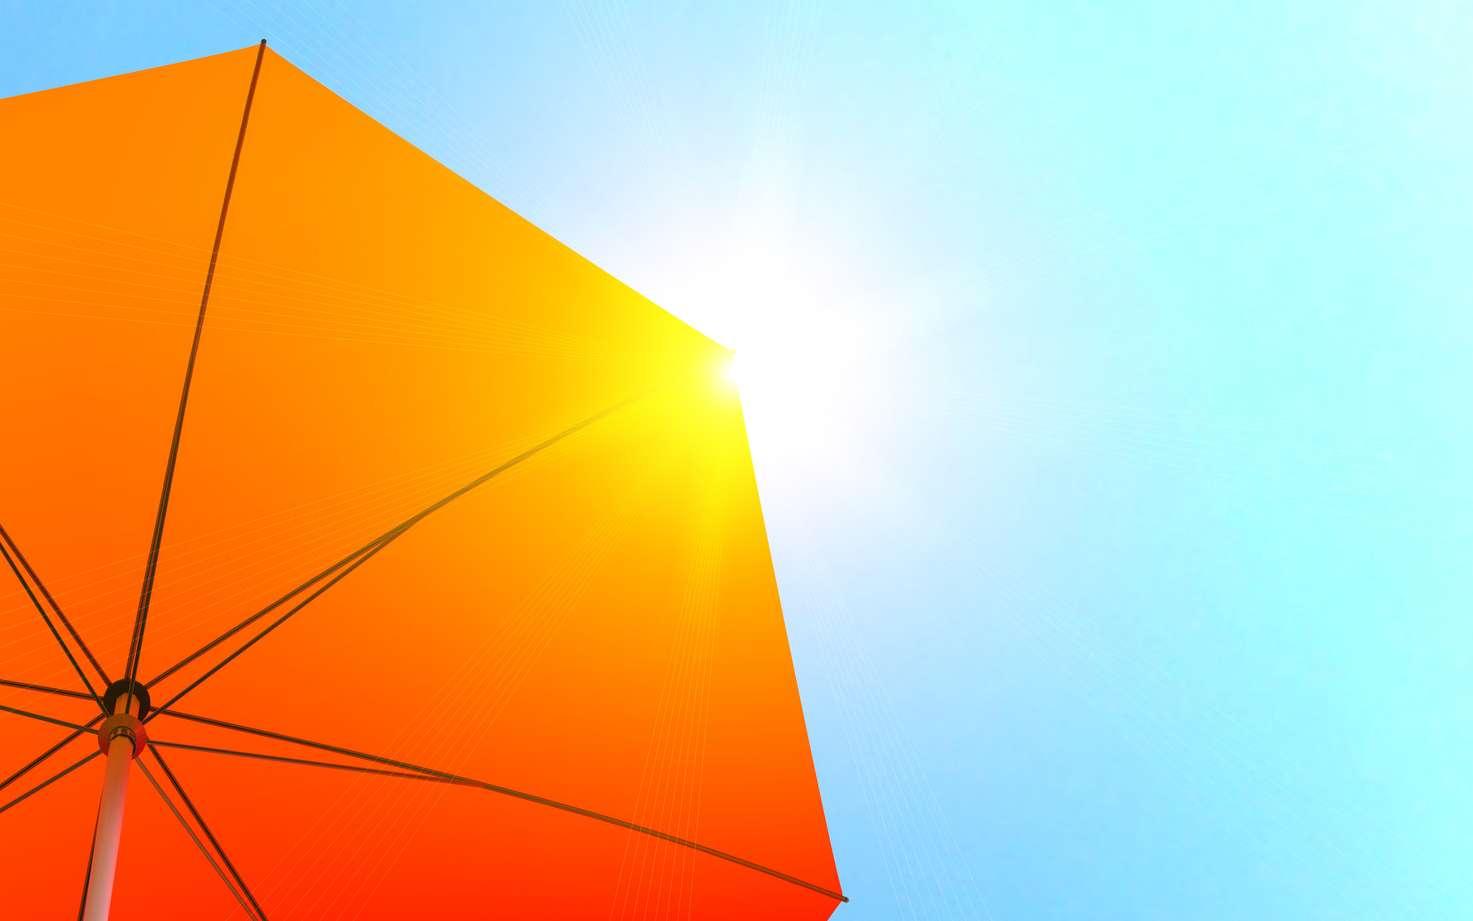 Les rayonnements infrarouges touchent notre peau, mettent en mouvement les atomes et molécules, libérant ainsi de l'énergie que nous ressentons sous forme de chaleur. © Giovanni Cancemi, Fotolia